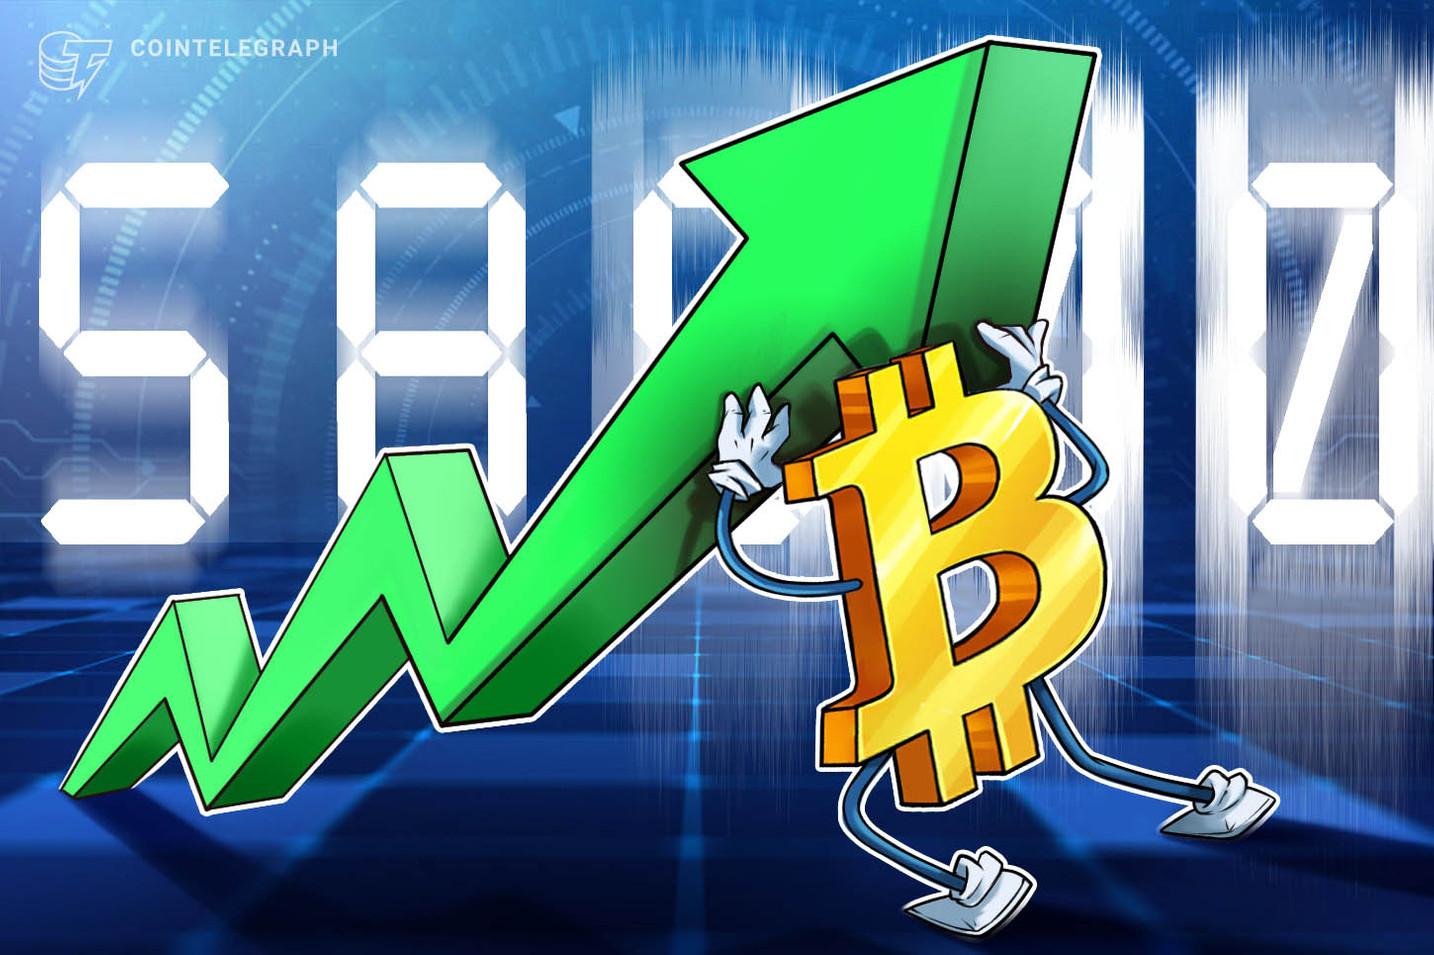 El precio de Bitcoin alcanza los USD 58,000 mientras Dogecoin se estanca y las noticias de adopción animan a los alcistas